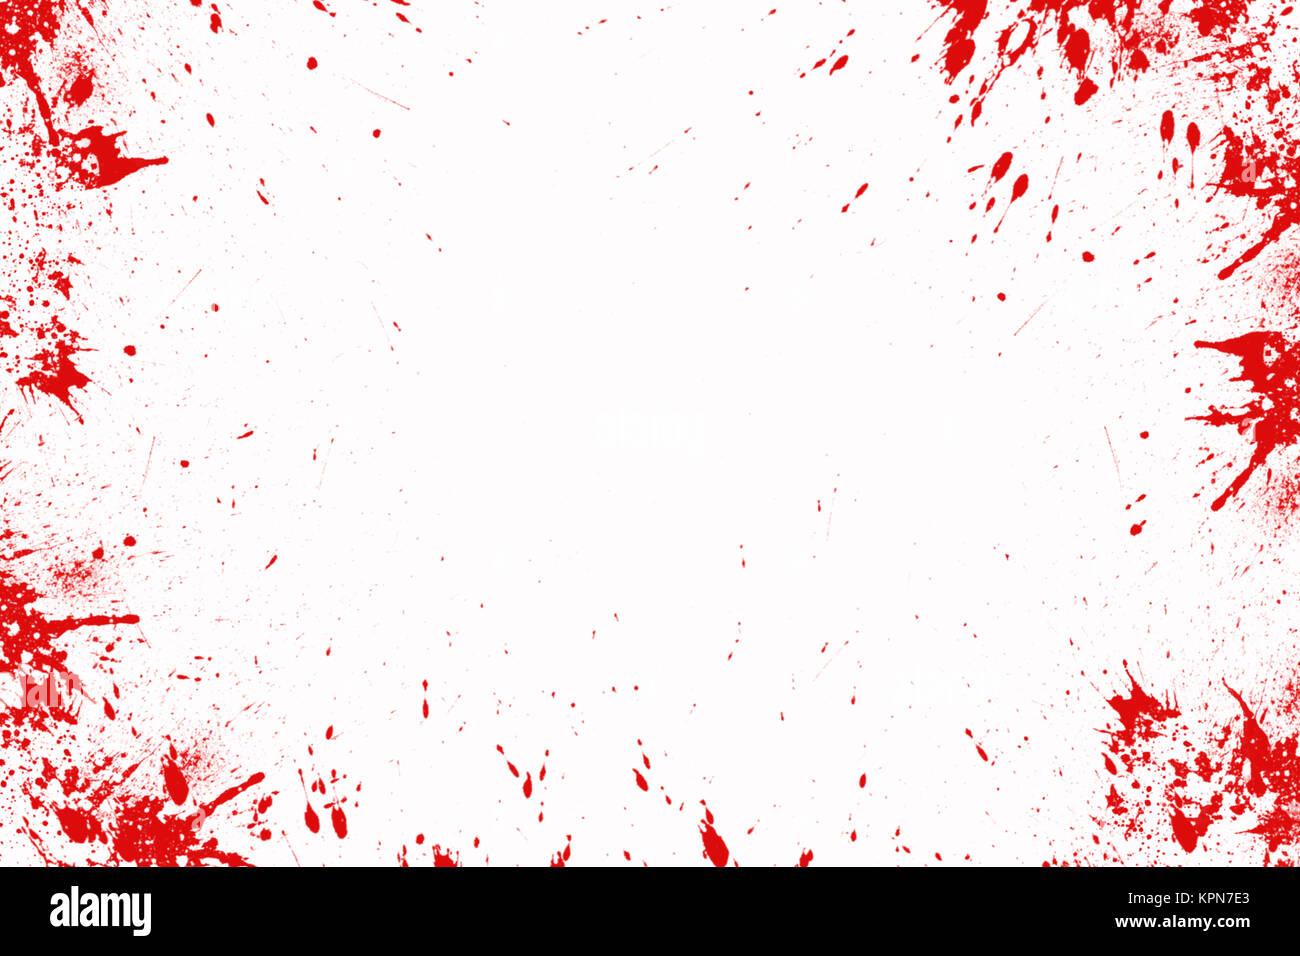 Blood Splatter Halloween Background